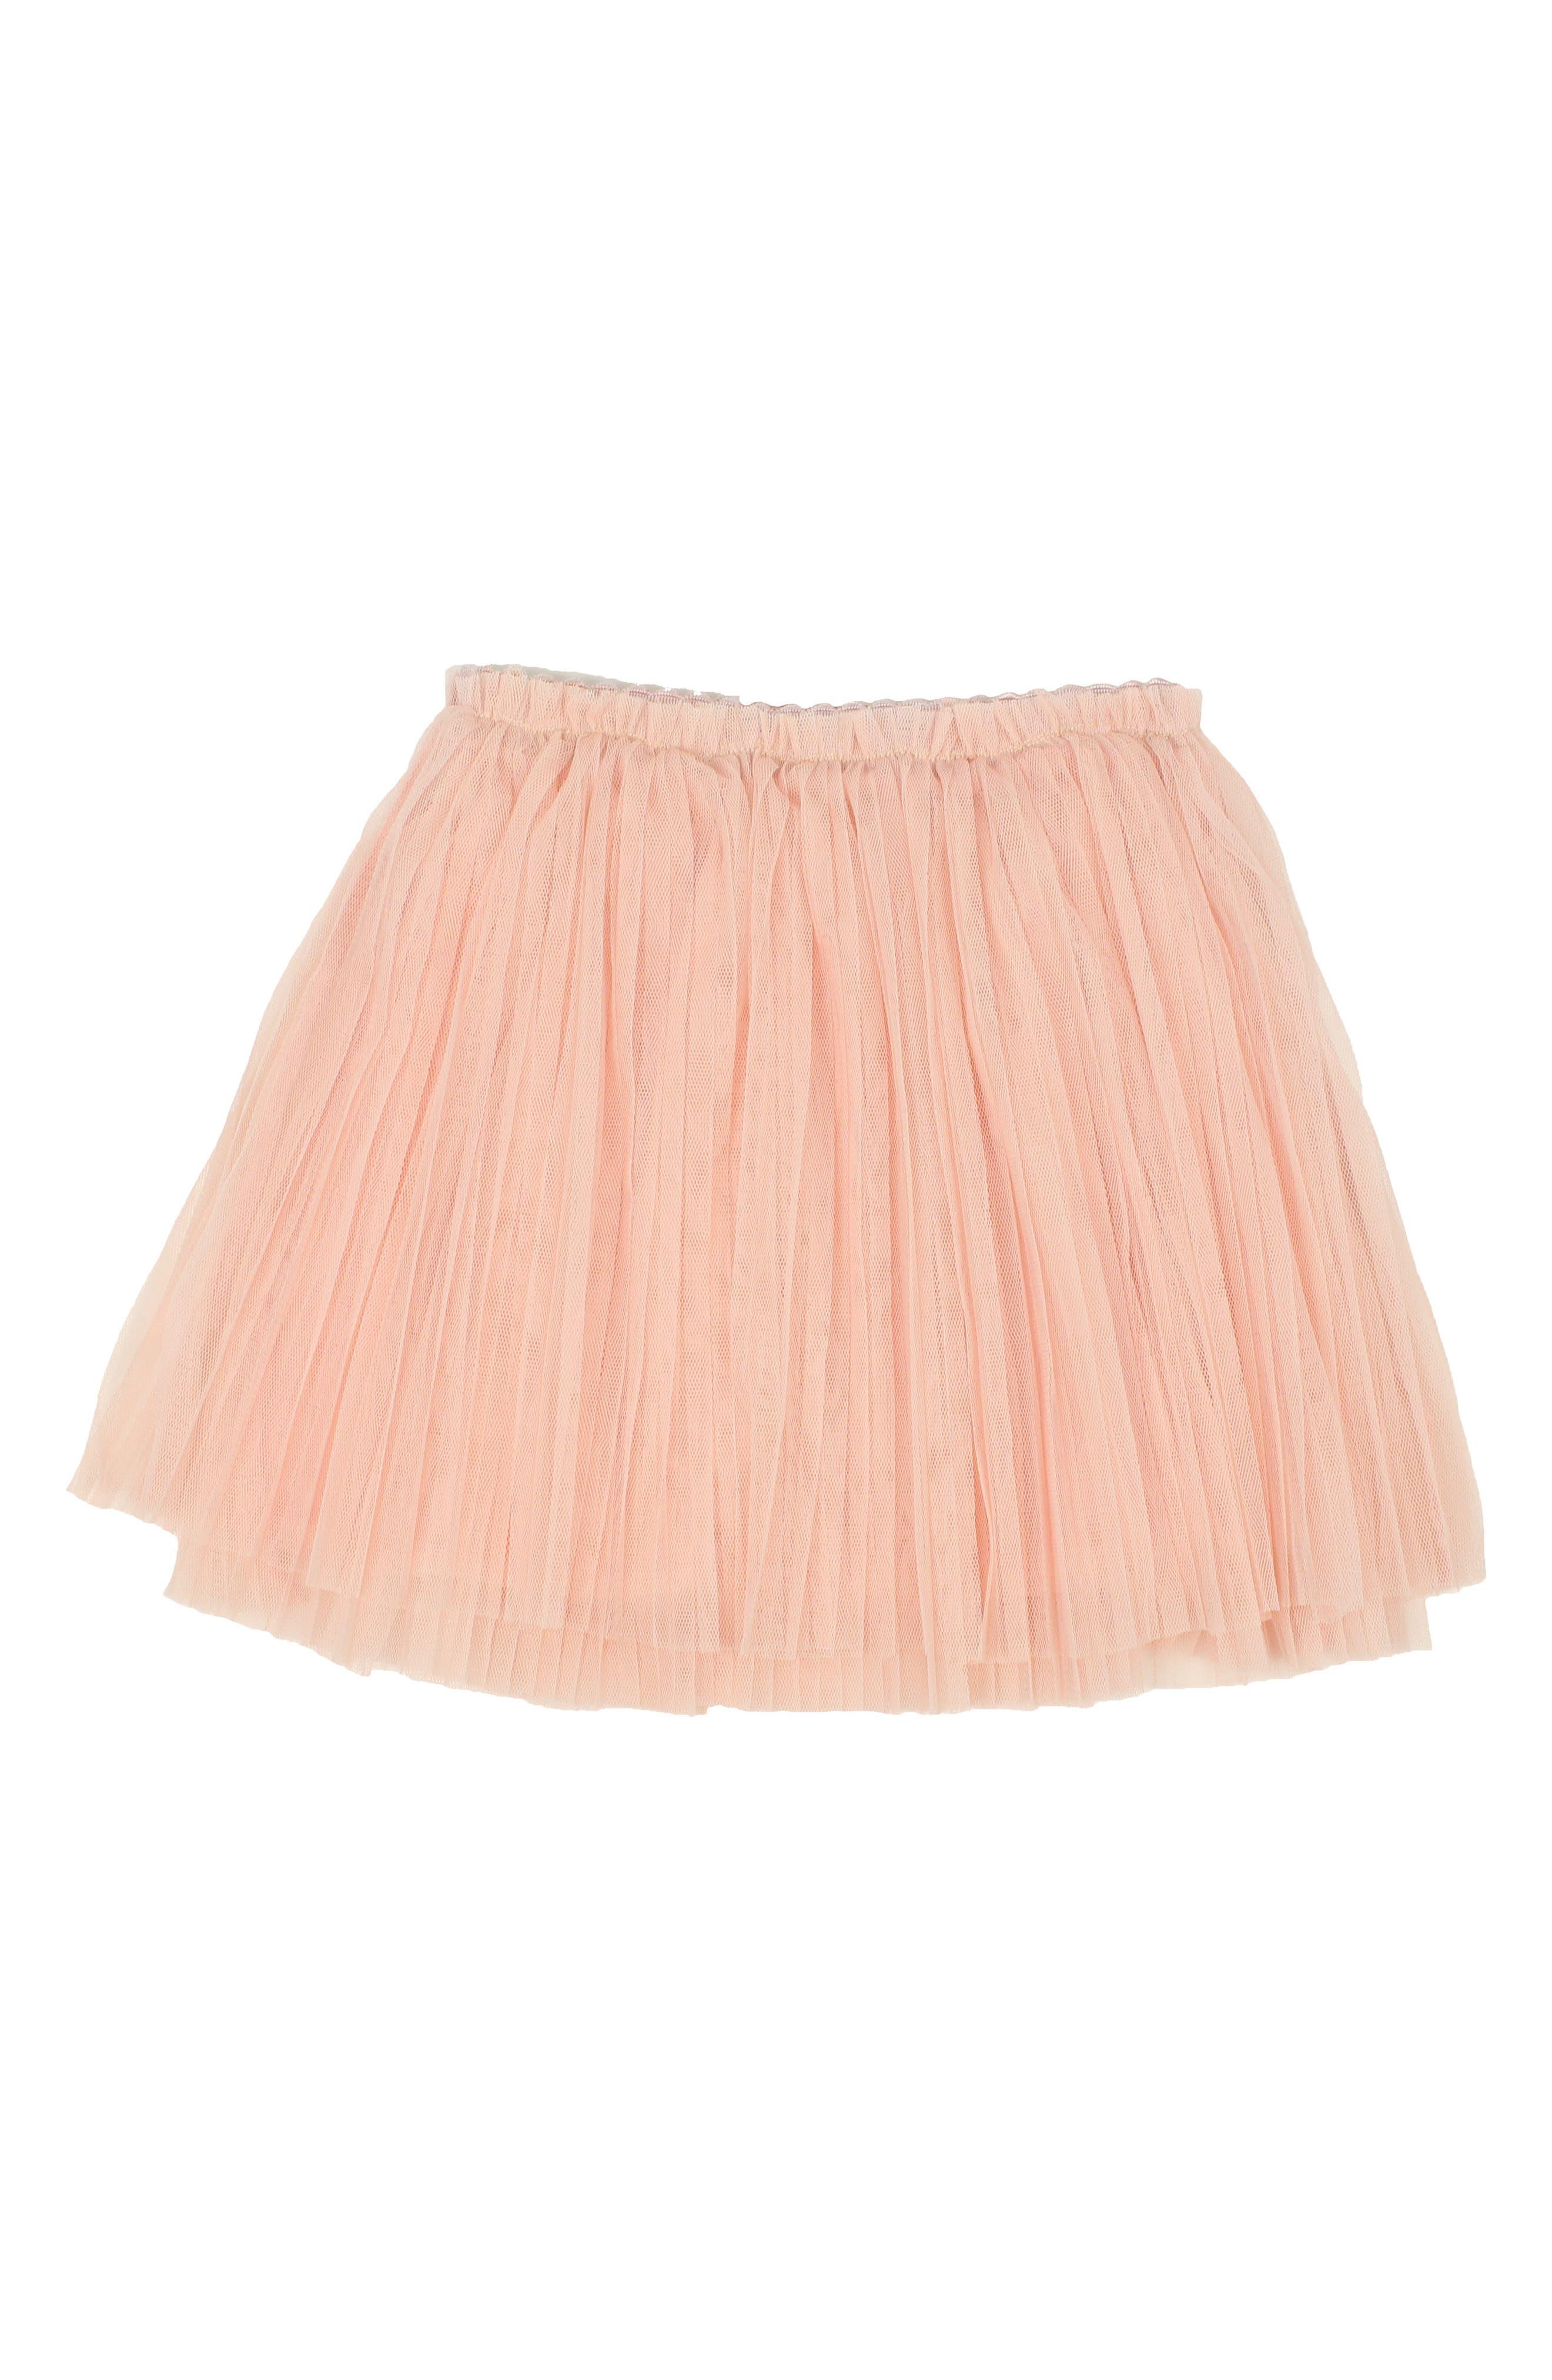 Pleated Tulle Skirt,                         Main,                         color, Peach